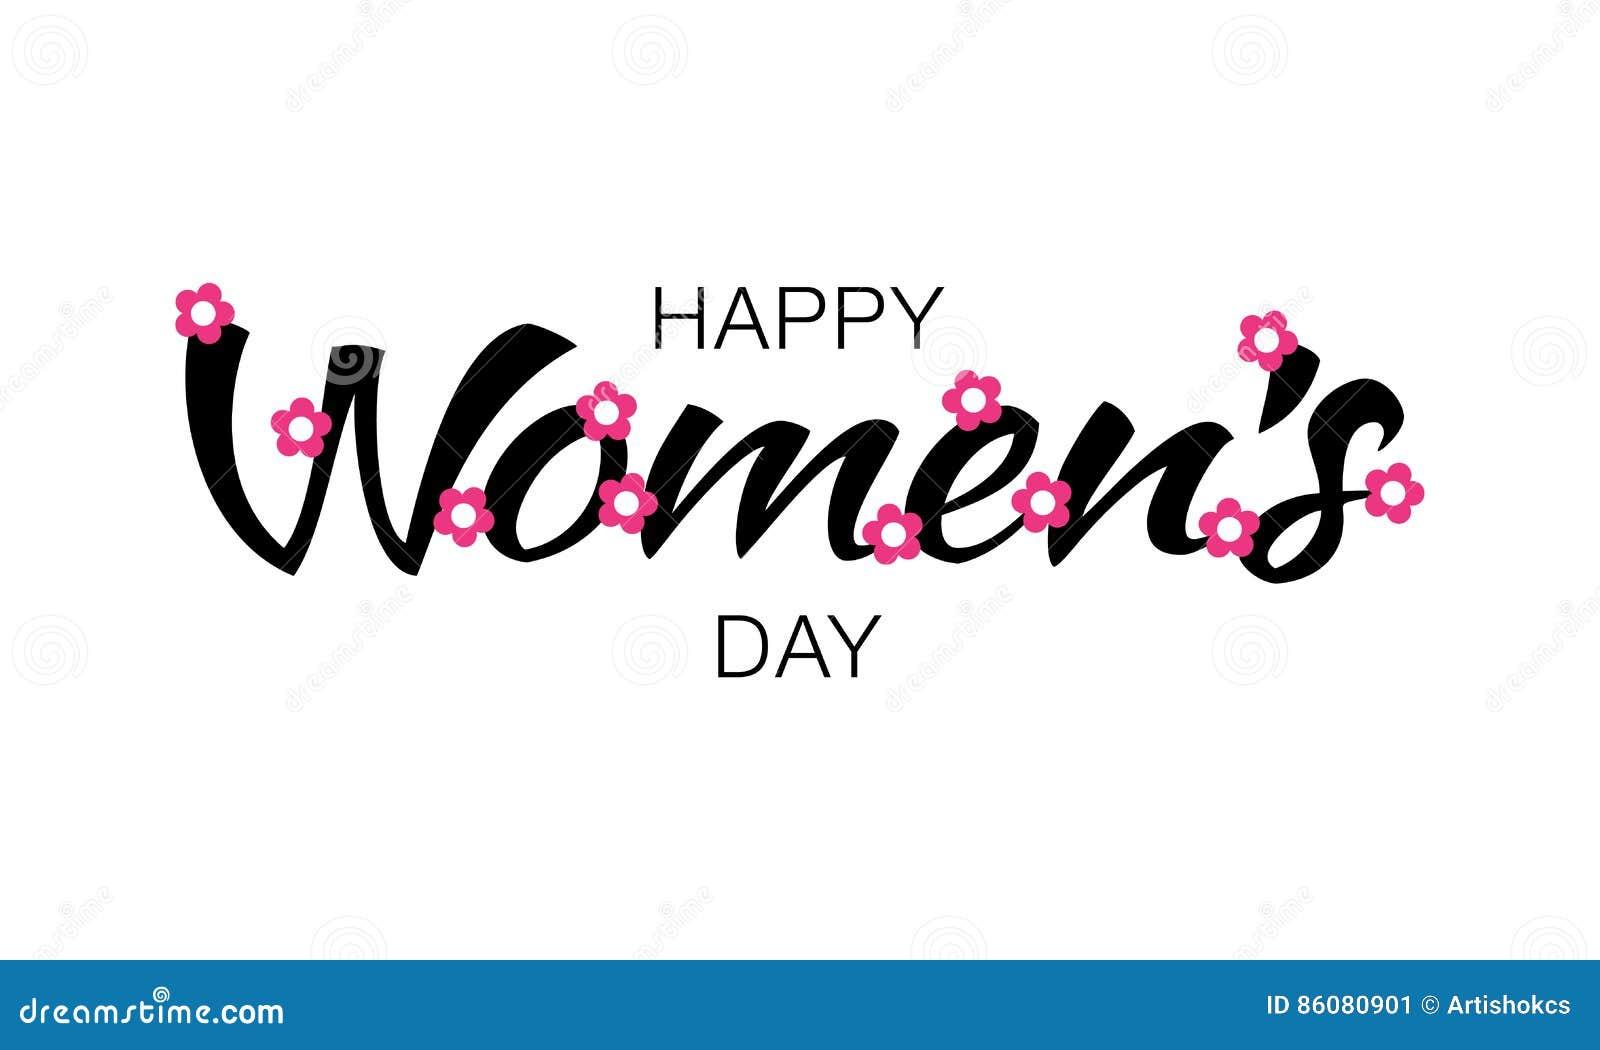 cb3dfb96657d4e Beschriftung der schwarzen glücklichen Frauen Tagesauf weißem Hintergrund  mit rosa Blumen Vector Abbildung einer Grußkarte